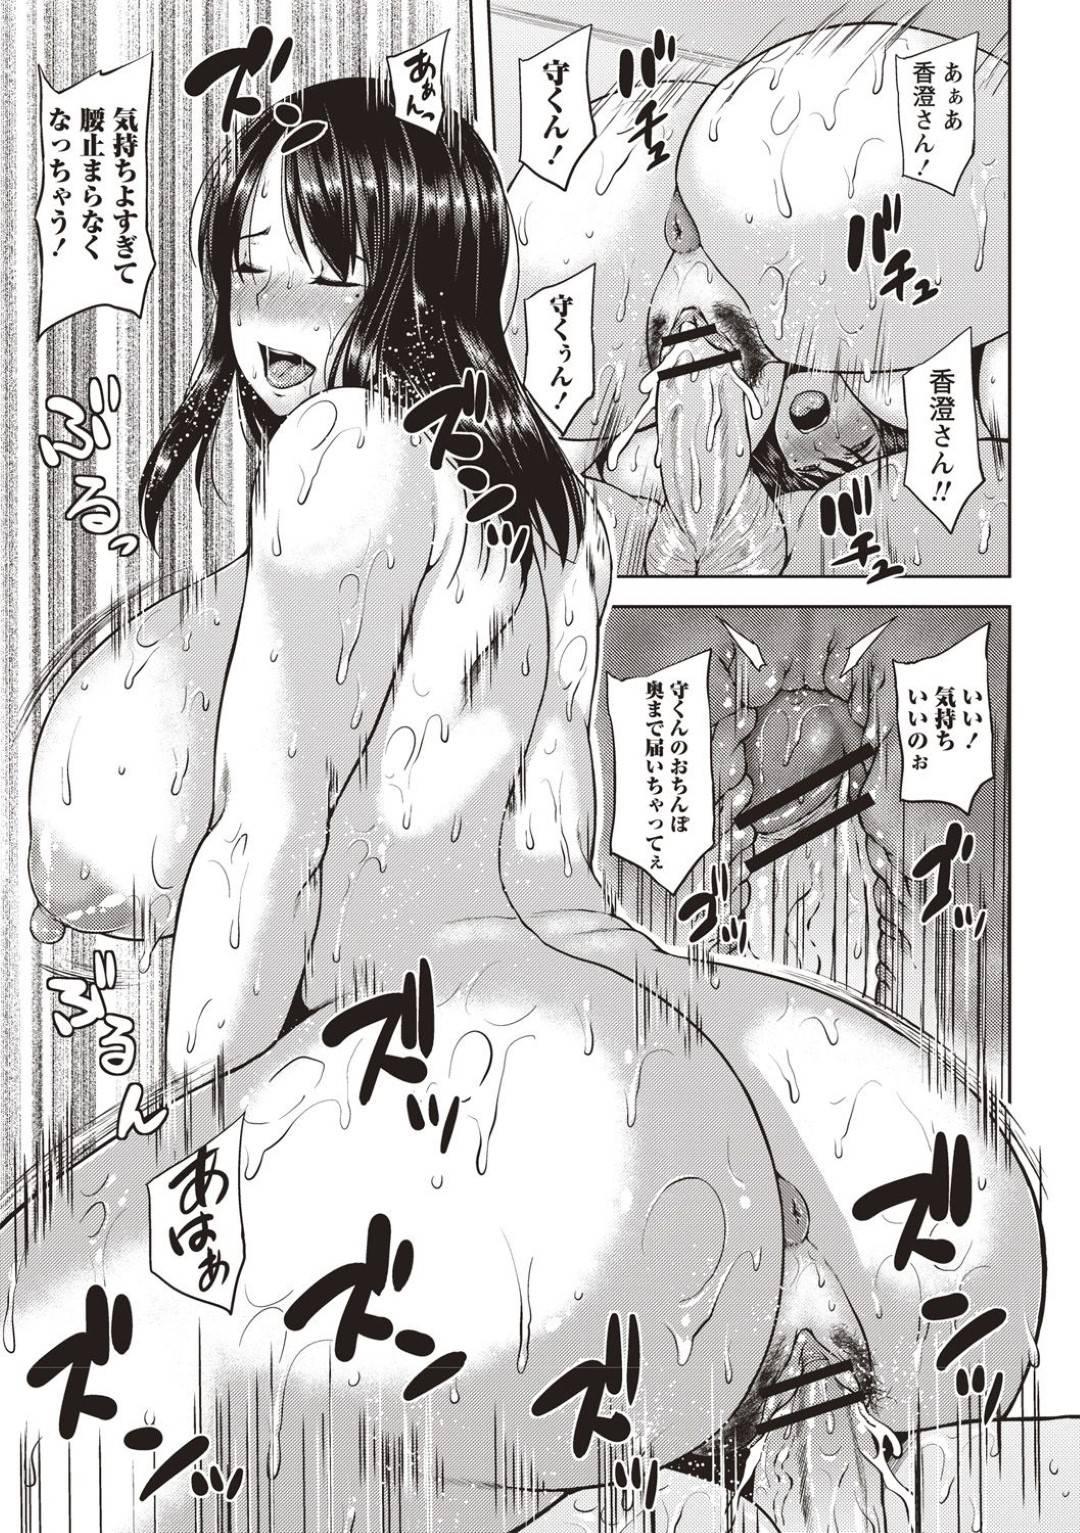 【淫乱熟女エロ漫画】隣人の熟女の家に上げてもらい風呂を借りると、熟女が乱入し爆乳に興奮し勃起。愛撫されると中出しセックスでアクメする【オジィ】